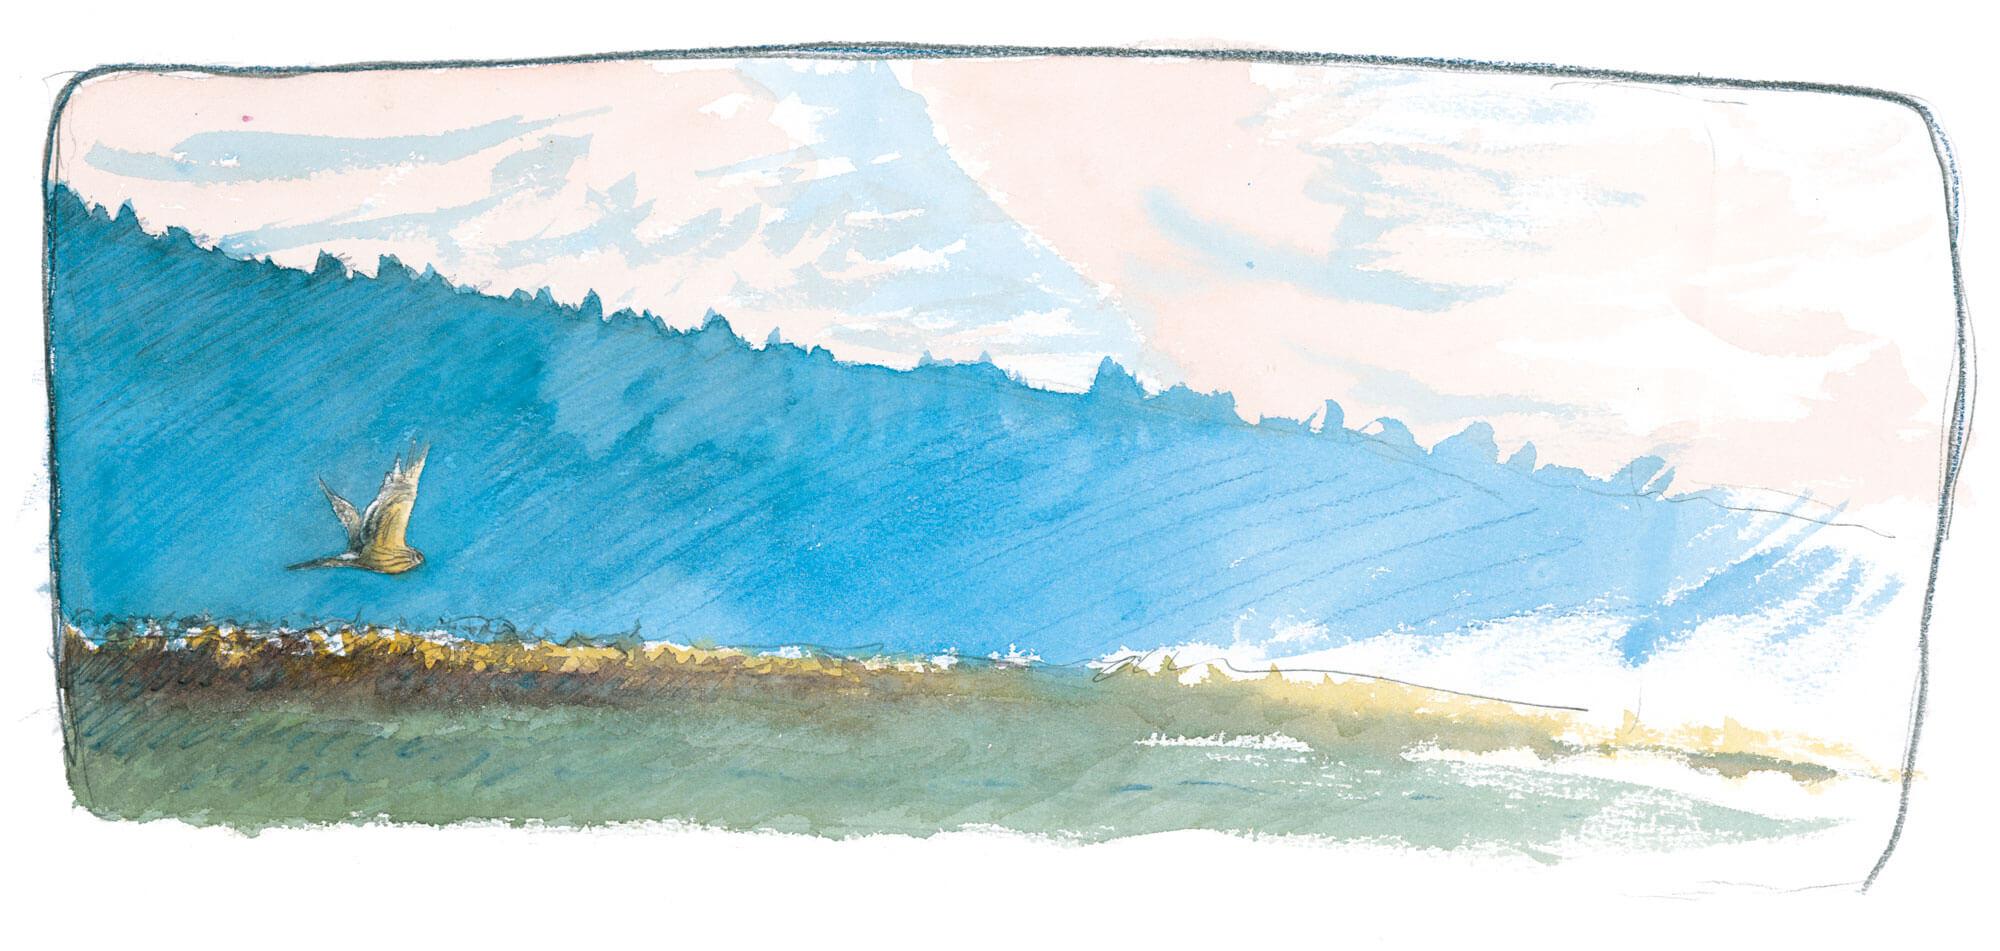 Balade de décembre, au douxième matin - La Salamandre dessin busard